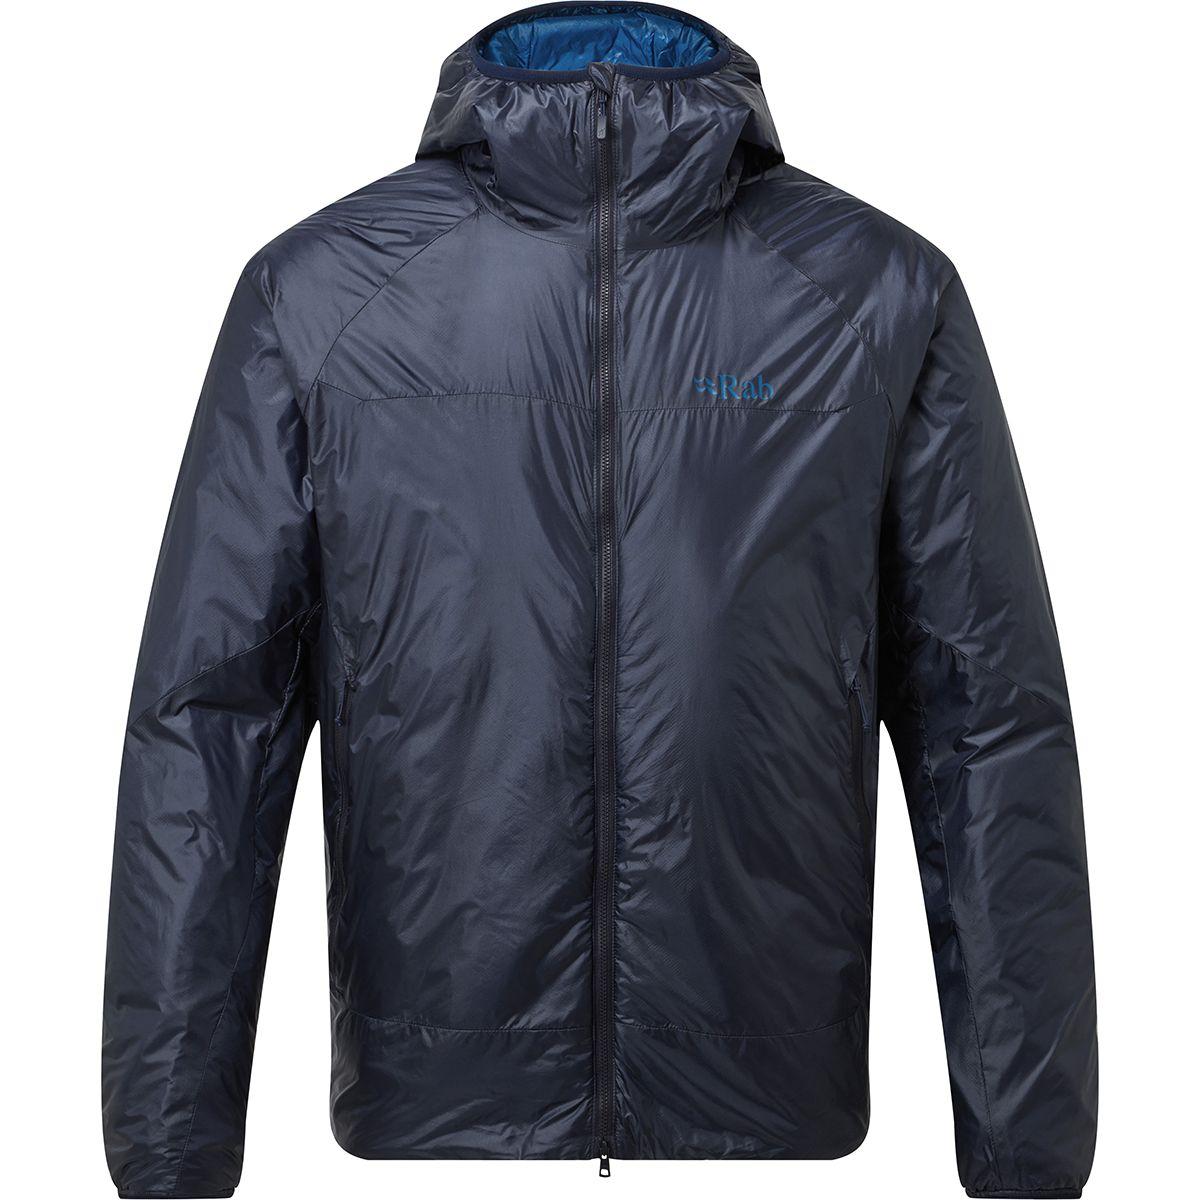 Rab Xenon Jacket